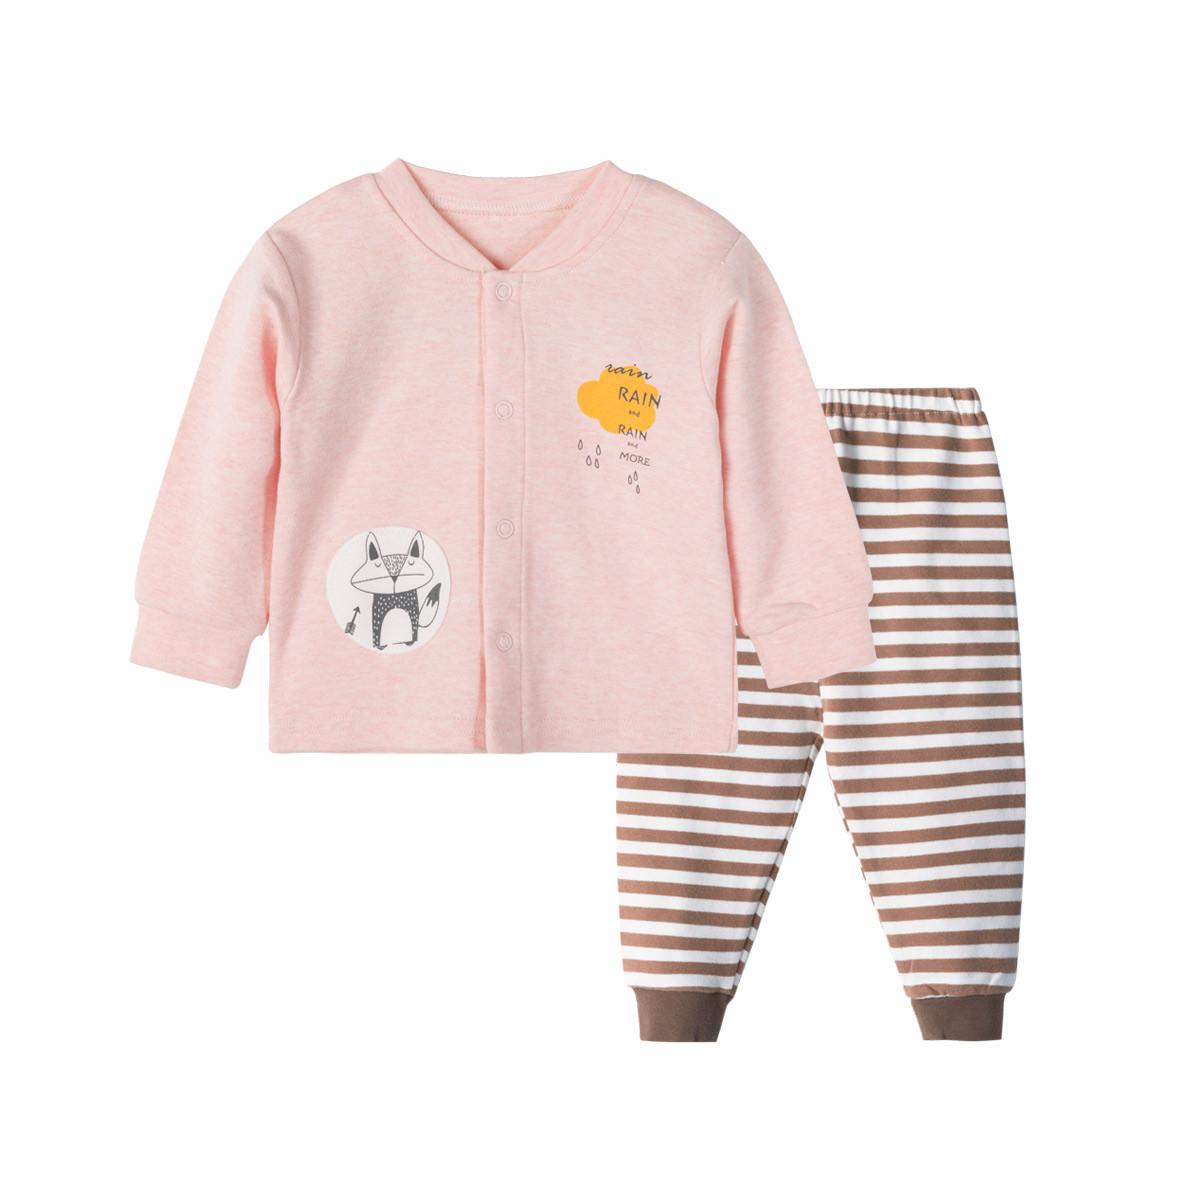 贝贝怡男女宝宝秋季前开柔软套装新款可爱卡通印花宝宝两件套193T392156